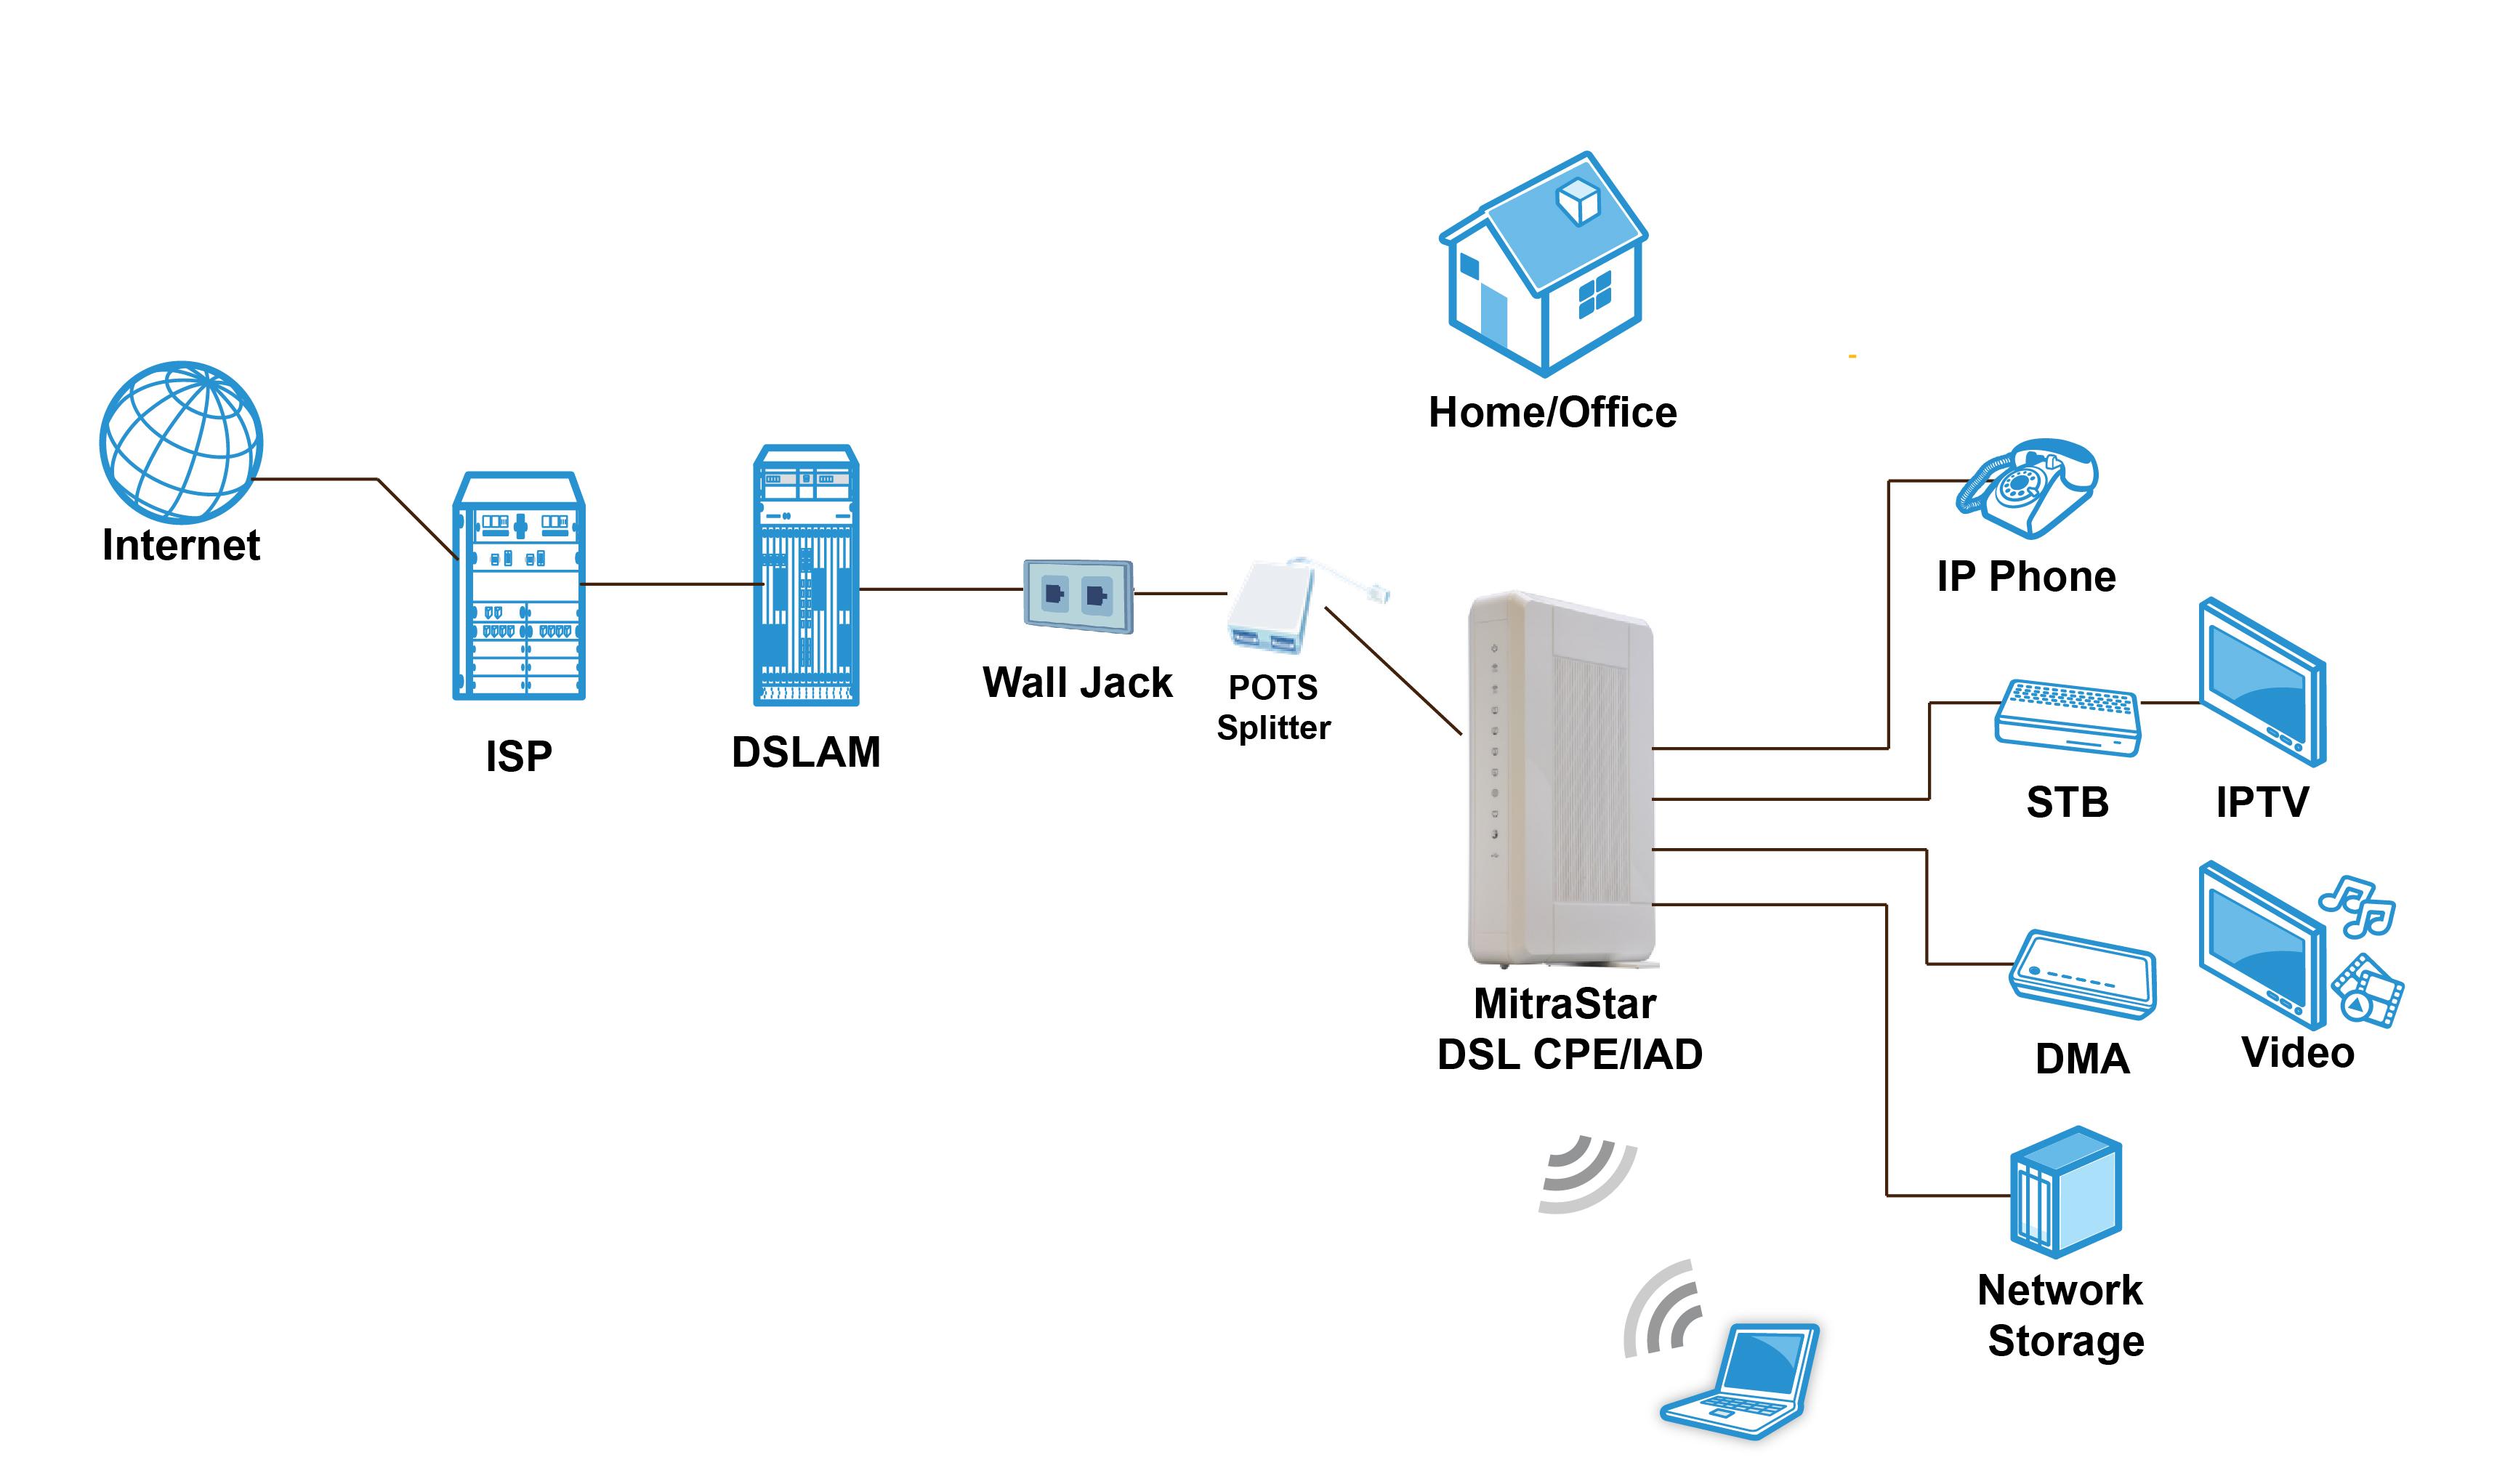 Vdsl Wiring Diagram Excellent Electrical House For Dsl Inter On Phone Line Splitter 19 Images Ethernet